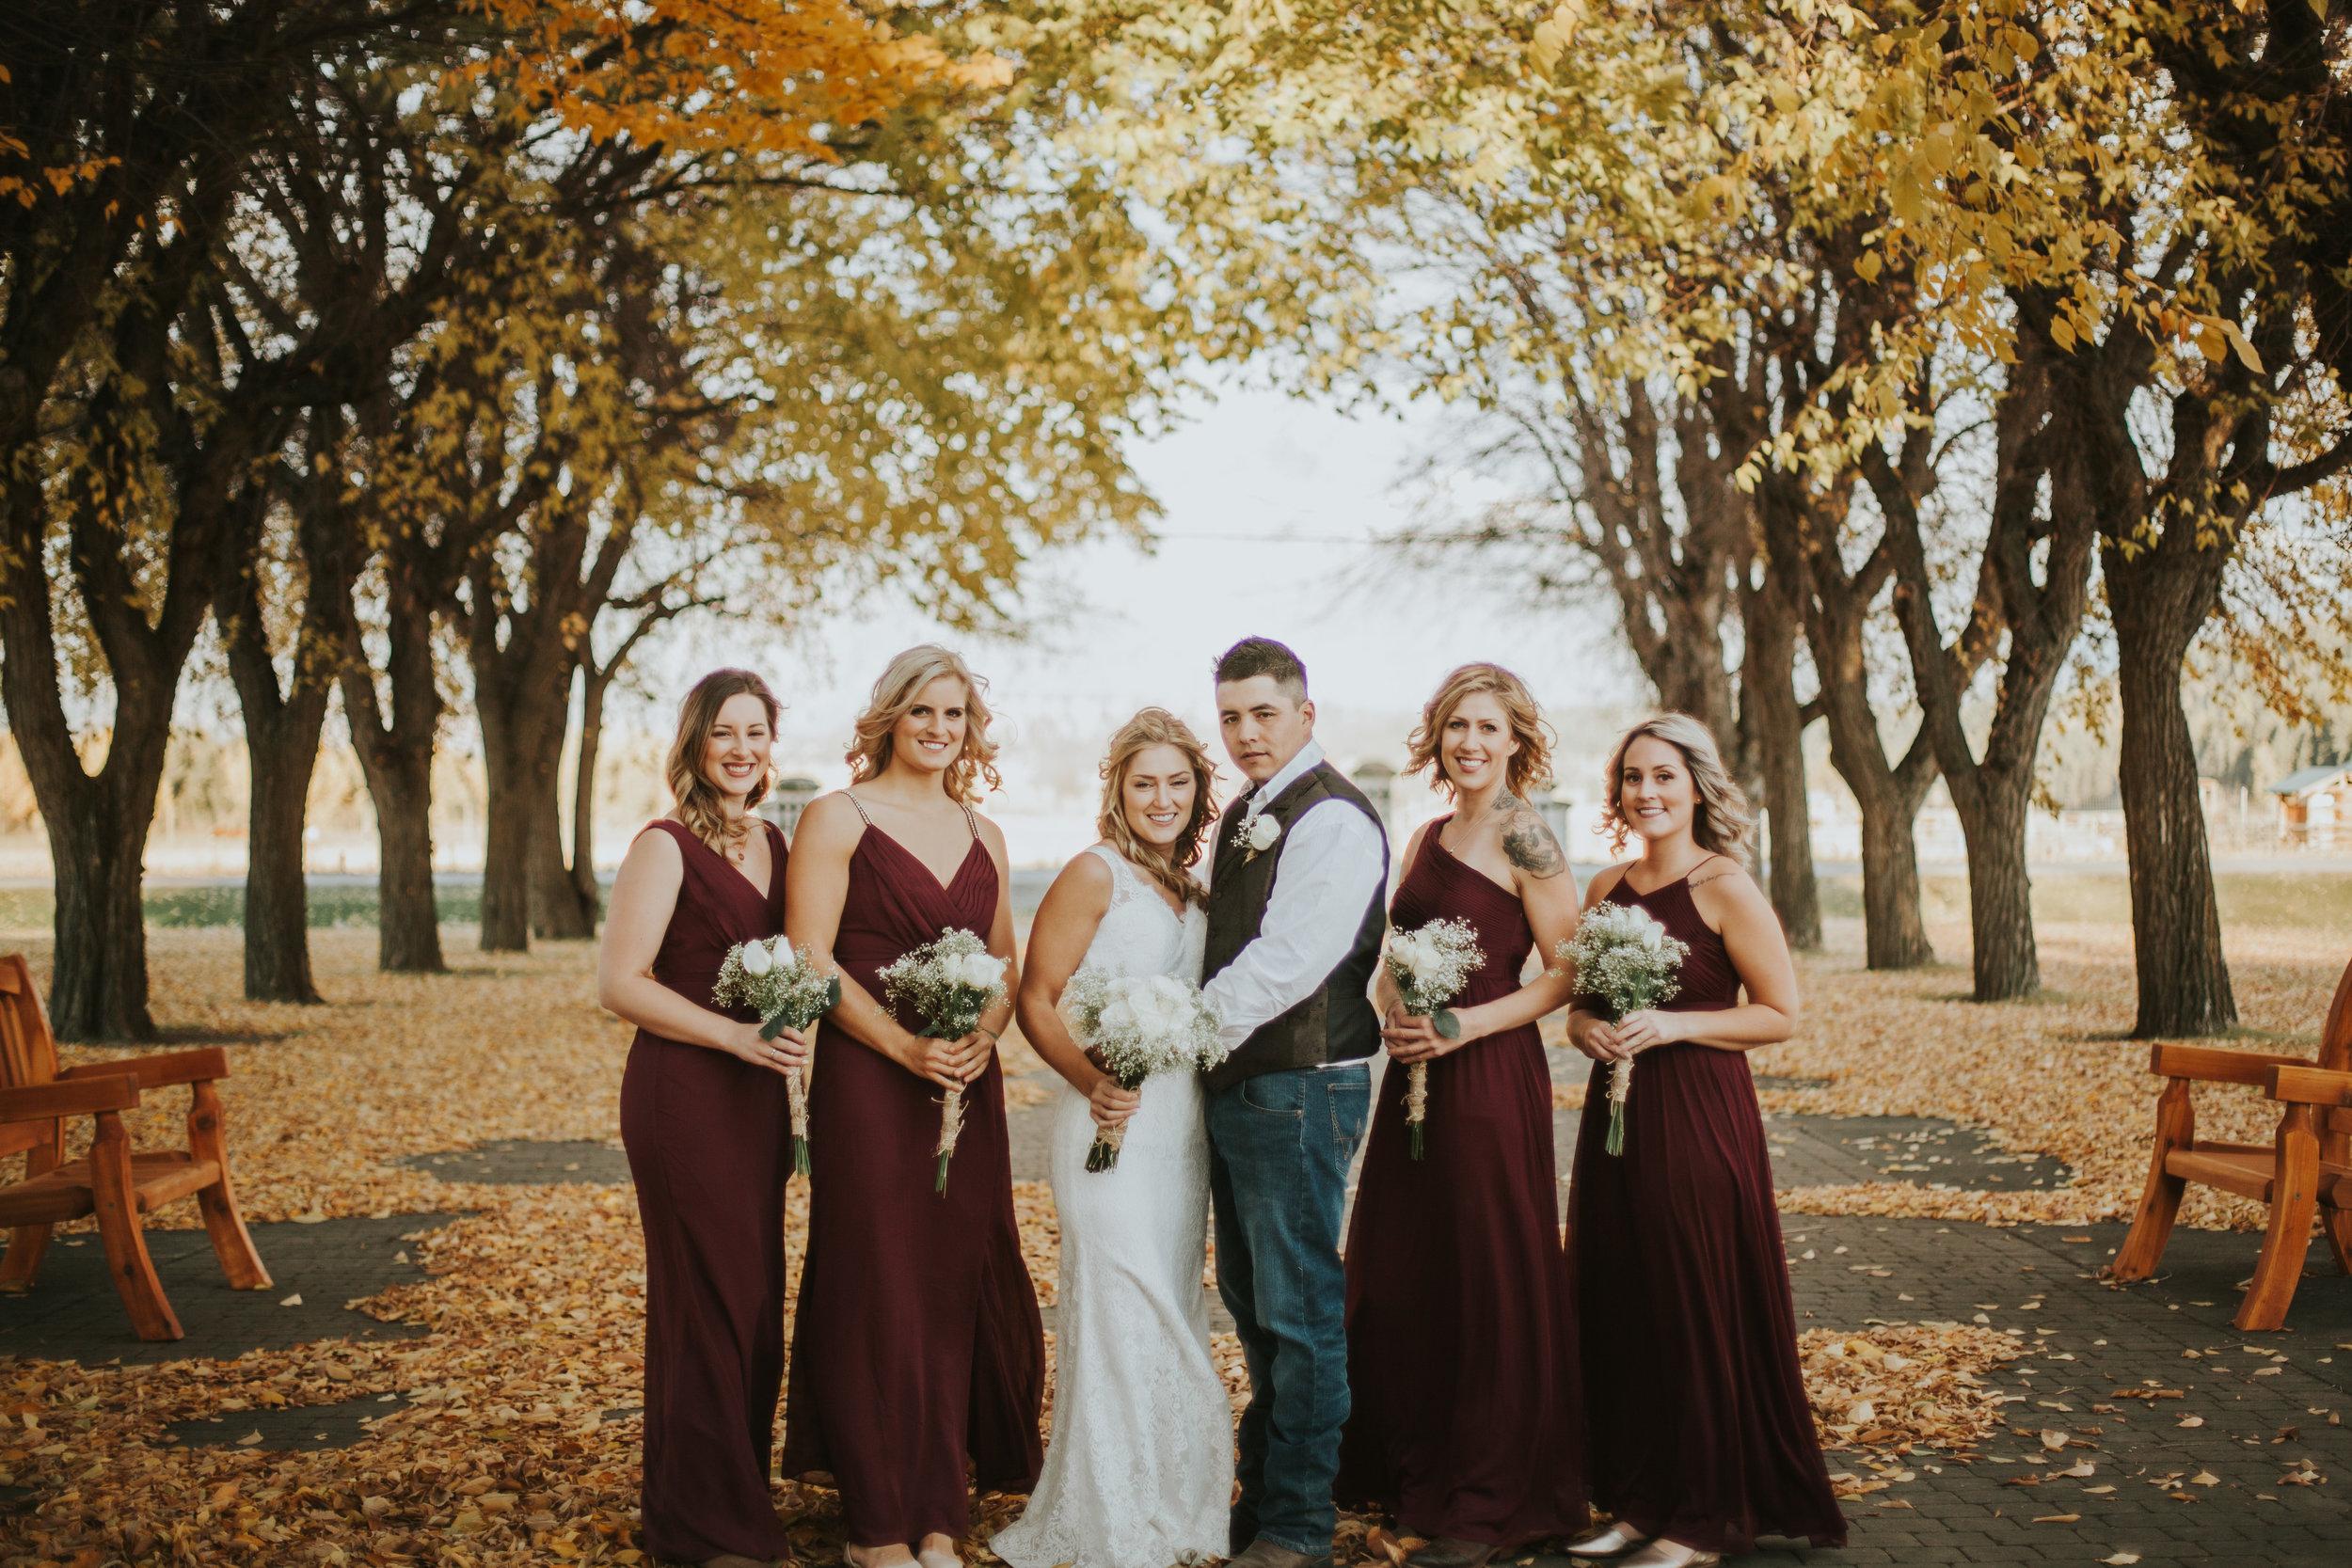 Lindsay + Kara 2 - Bridal Portraits-169.jpg